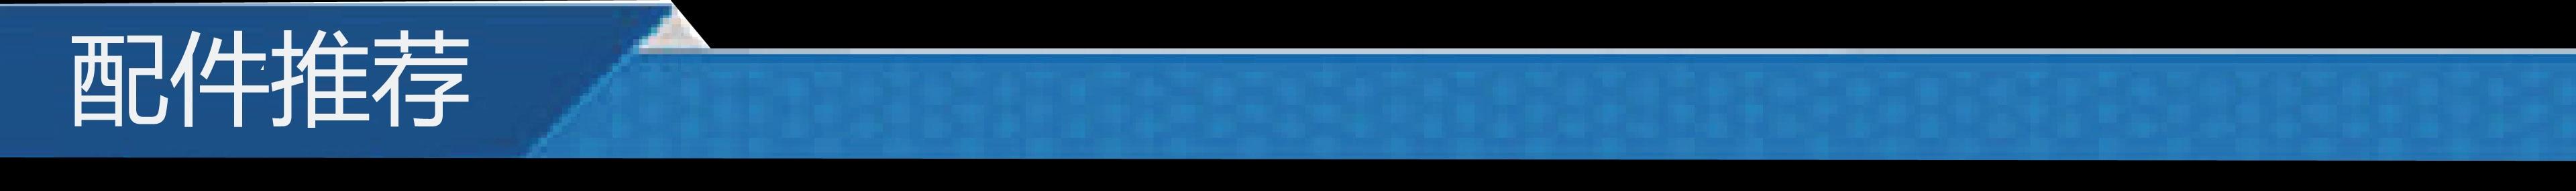 HIFI Беспроводной Bluetooth приемник аудио APT-X приемник модуля доска BT4.0 стерео